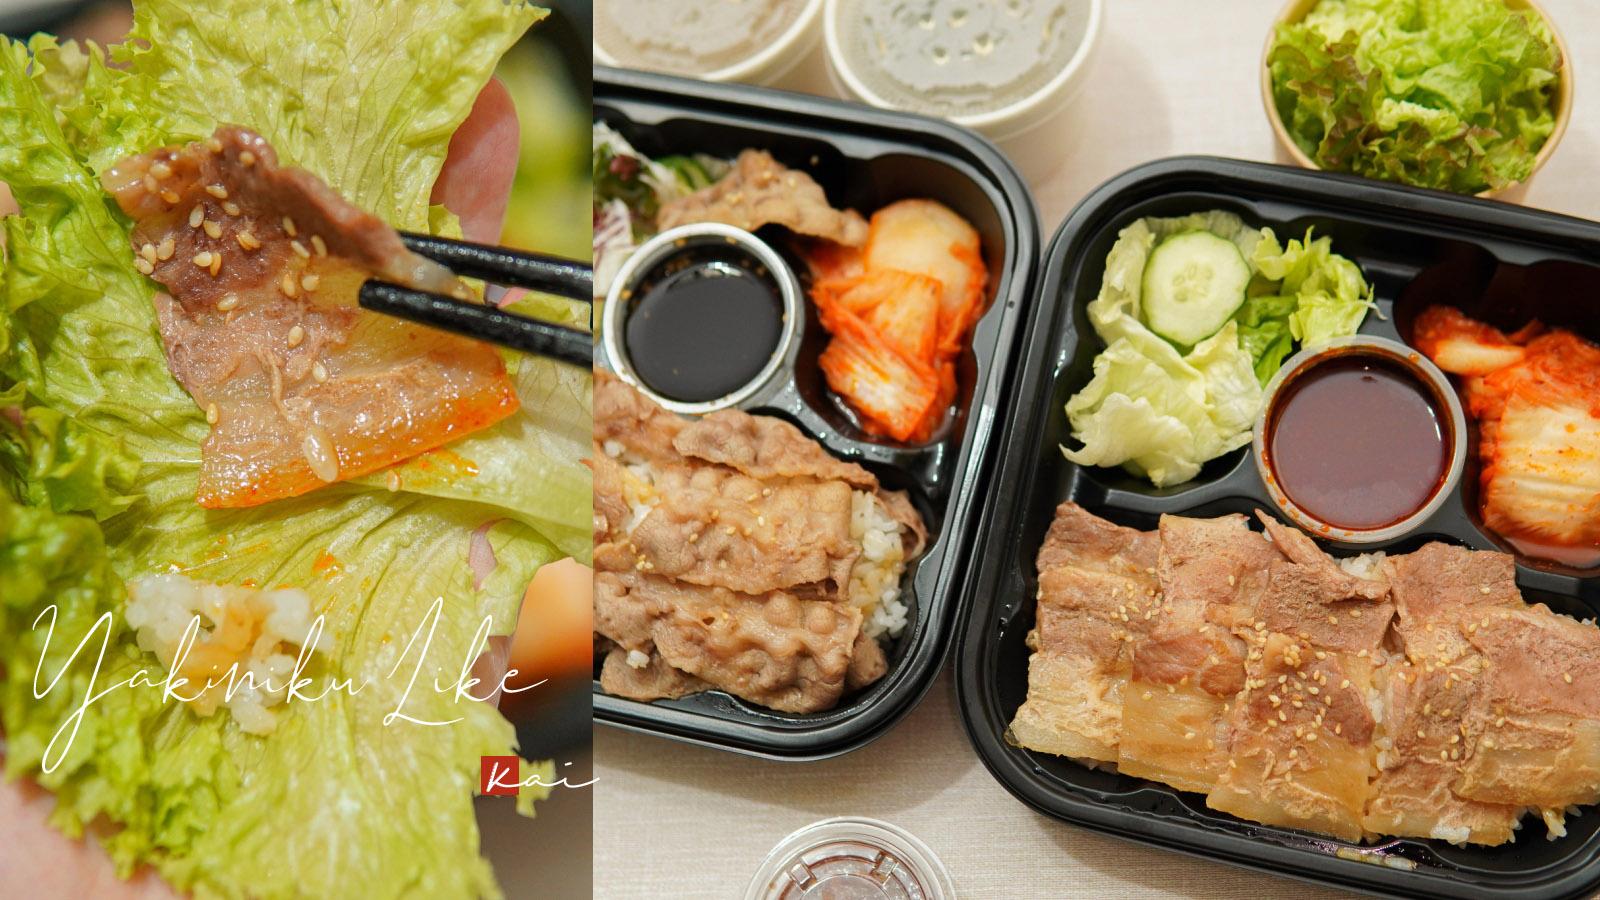 ☆【台北|台北車站】燒肉Like外帶便當開箱。豬五花燒肉便當絕讚! @凱的日本食尚日記